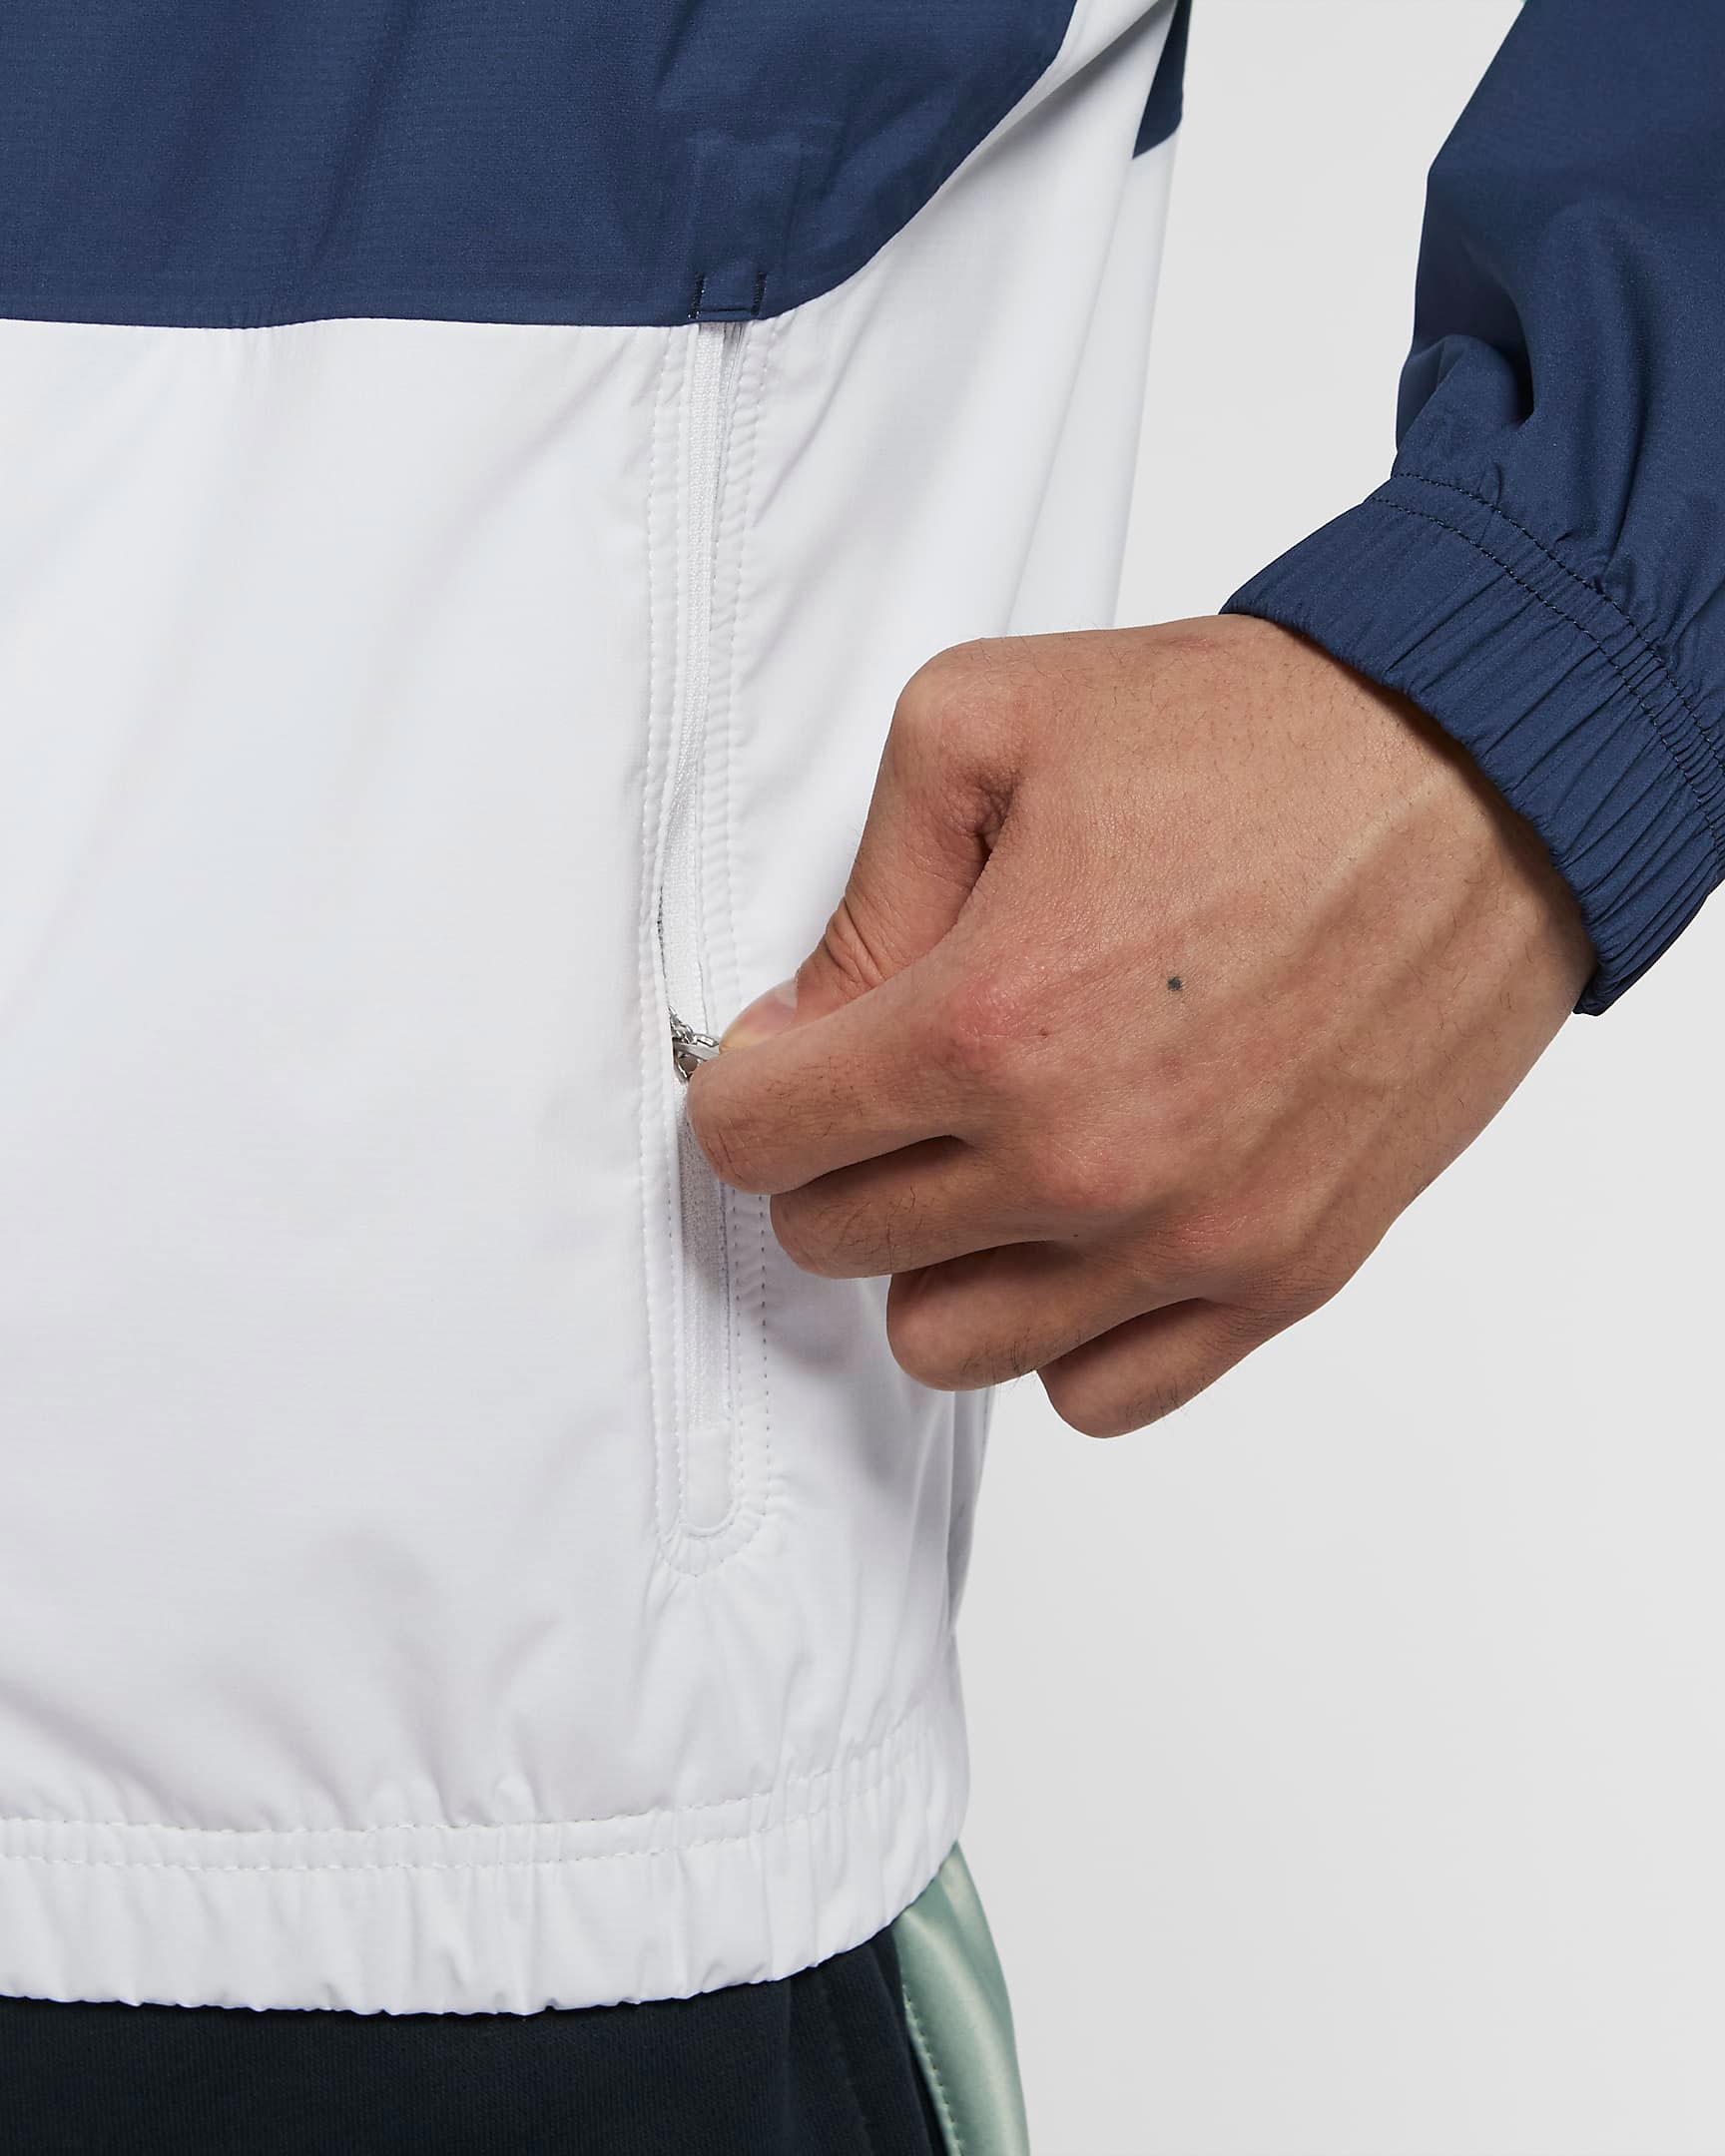 air-jordan-13-flint-jacket-6